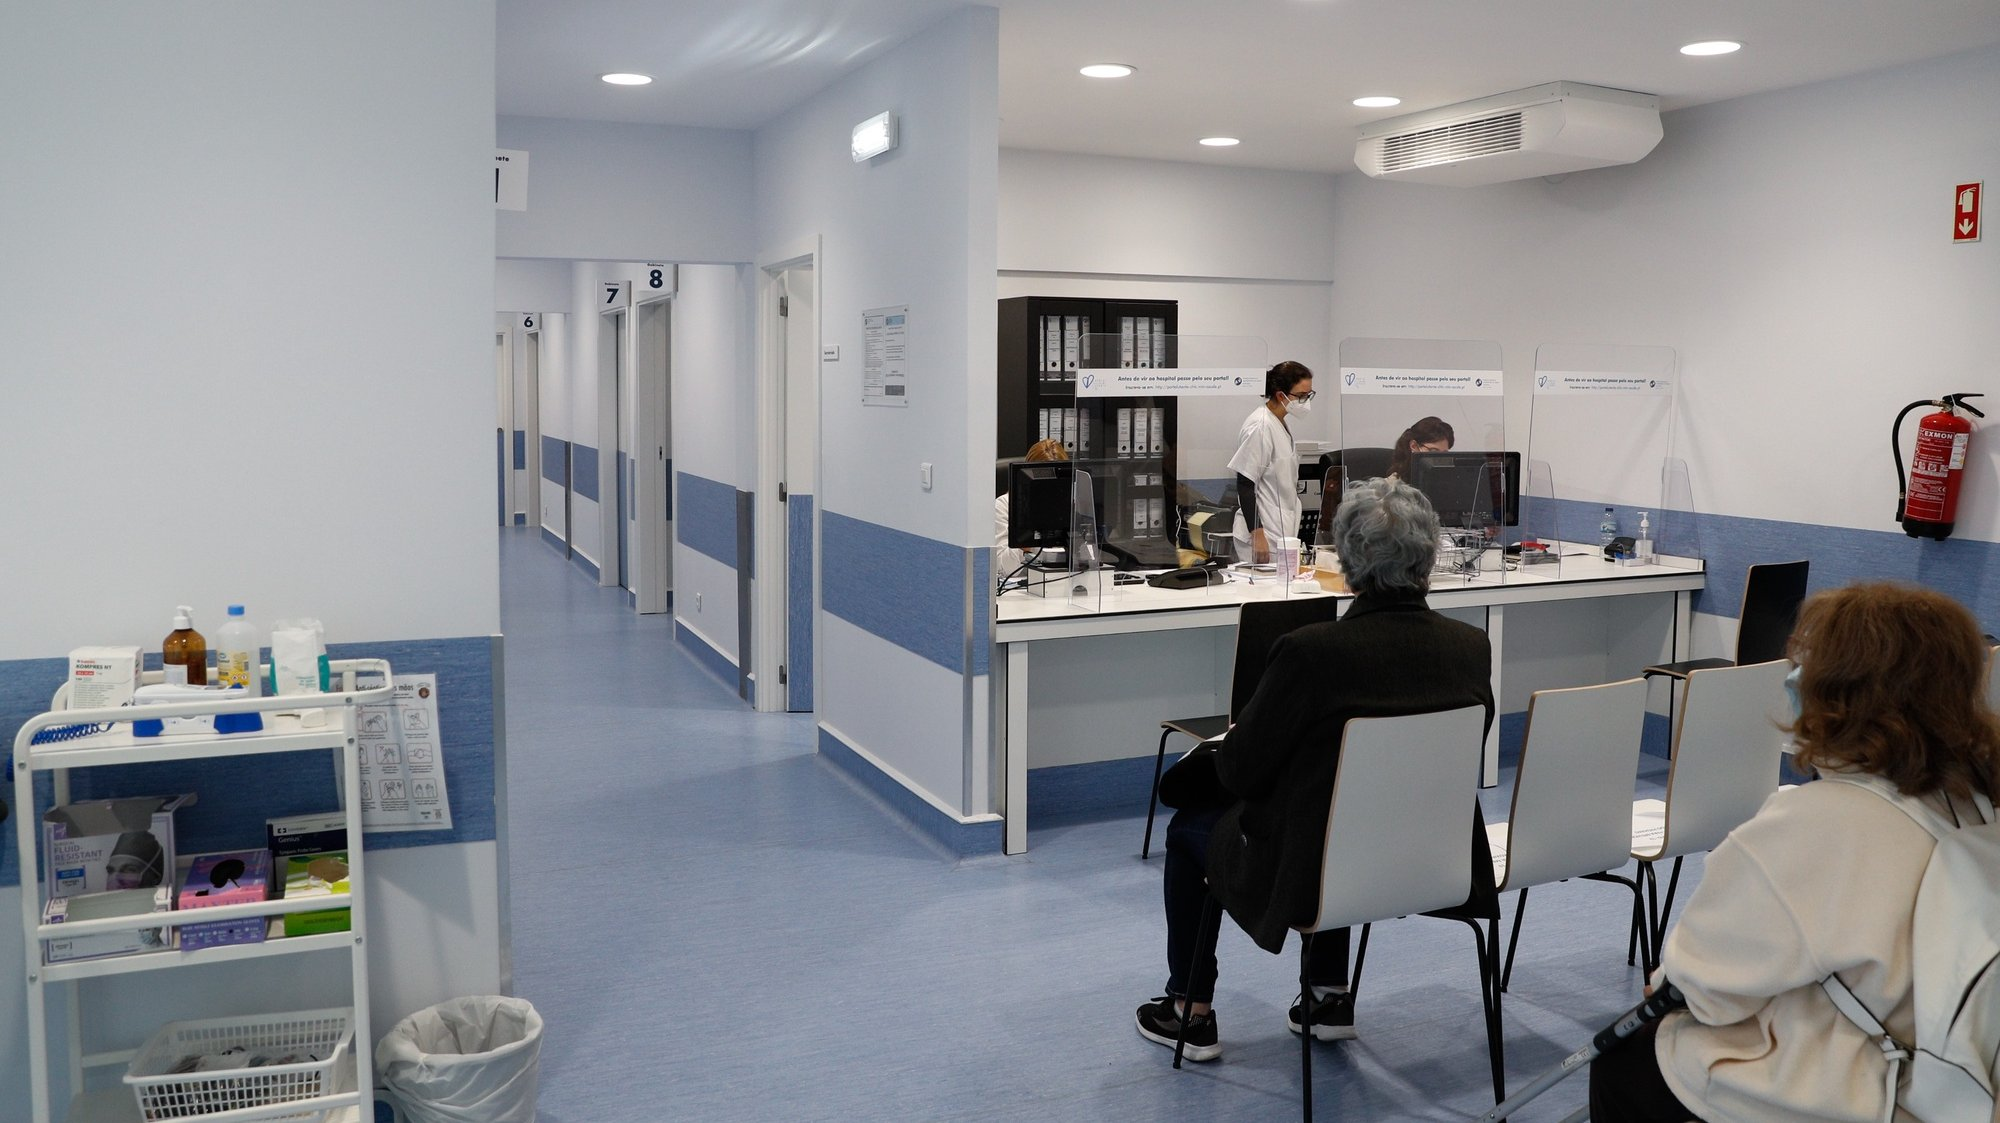 """Aspeto das obras de melhoramento que estão a ser realizadas no Hospital de São José, em Lisboa, 04 de novembro de 2020. As obras vão permitir aumentar as instalações da urgência em cerca de 30% e no início de 2020 haverá """"mais gabinetes médicos e todas as especialidades oferecidas nas urgências ficarão concentradas na mesma zona"""", incluindo as de otorrino e oftalmologia, que até agora estão noutro piso. (ACOMPANHA TEXTO DA LUSA DO DIA 09 DE NOVEMBRO DE 2020). ANTÓNIO COTRIM/LUSA"""